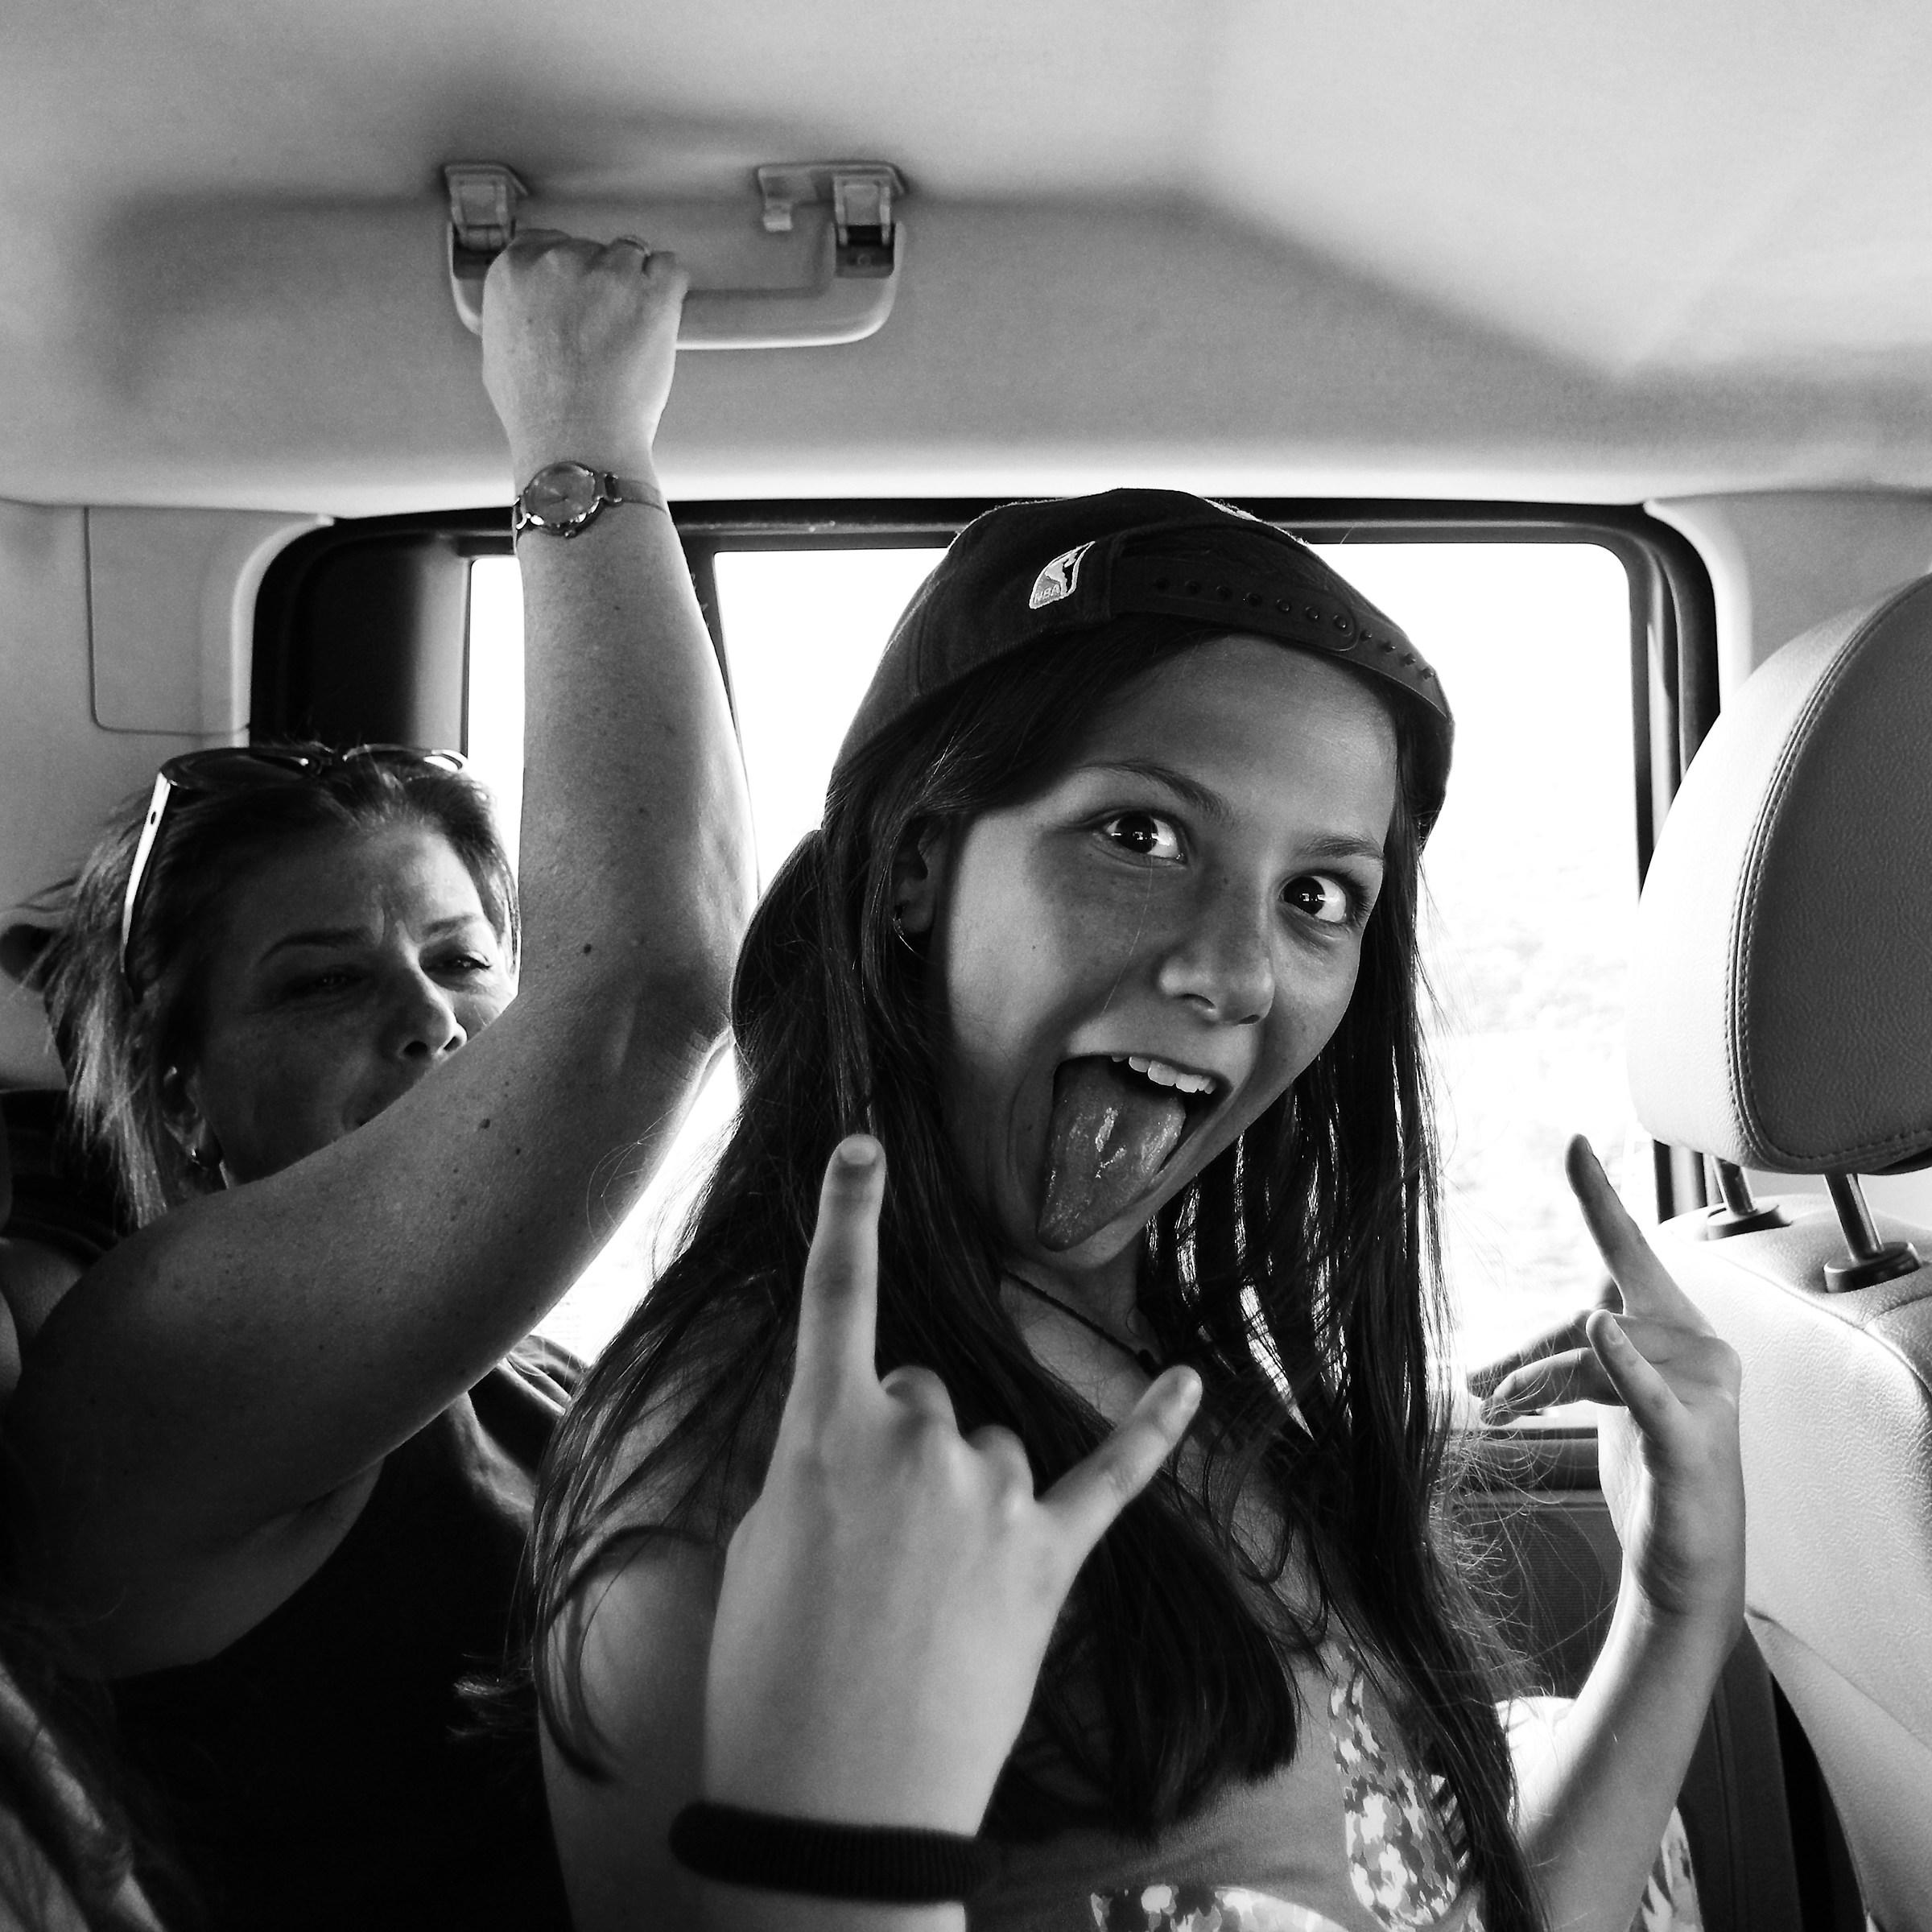 Rock 'n' roll...